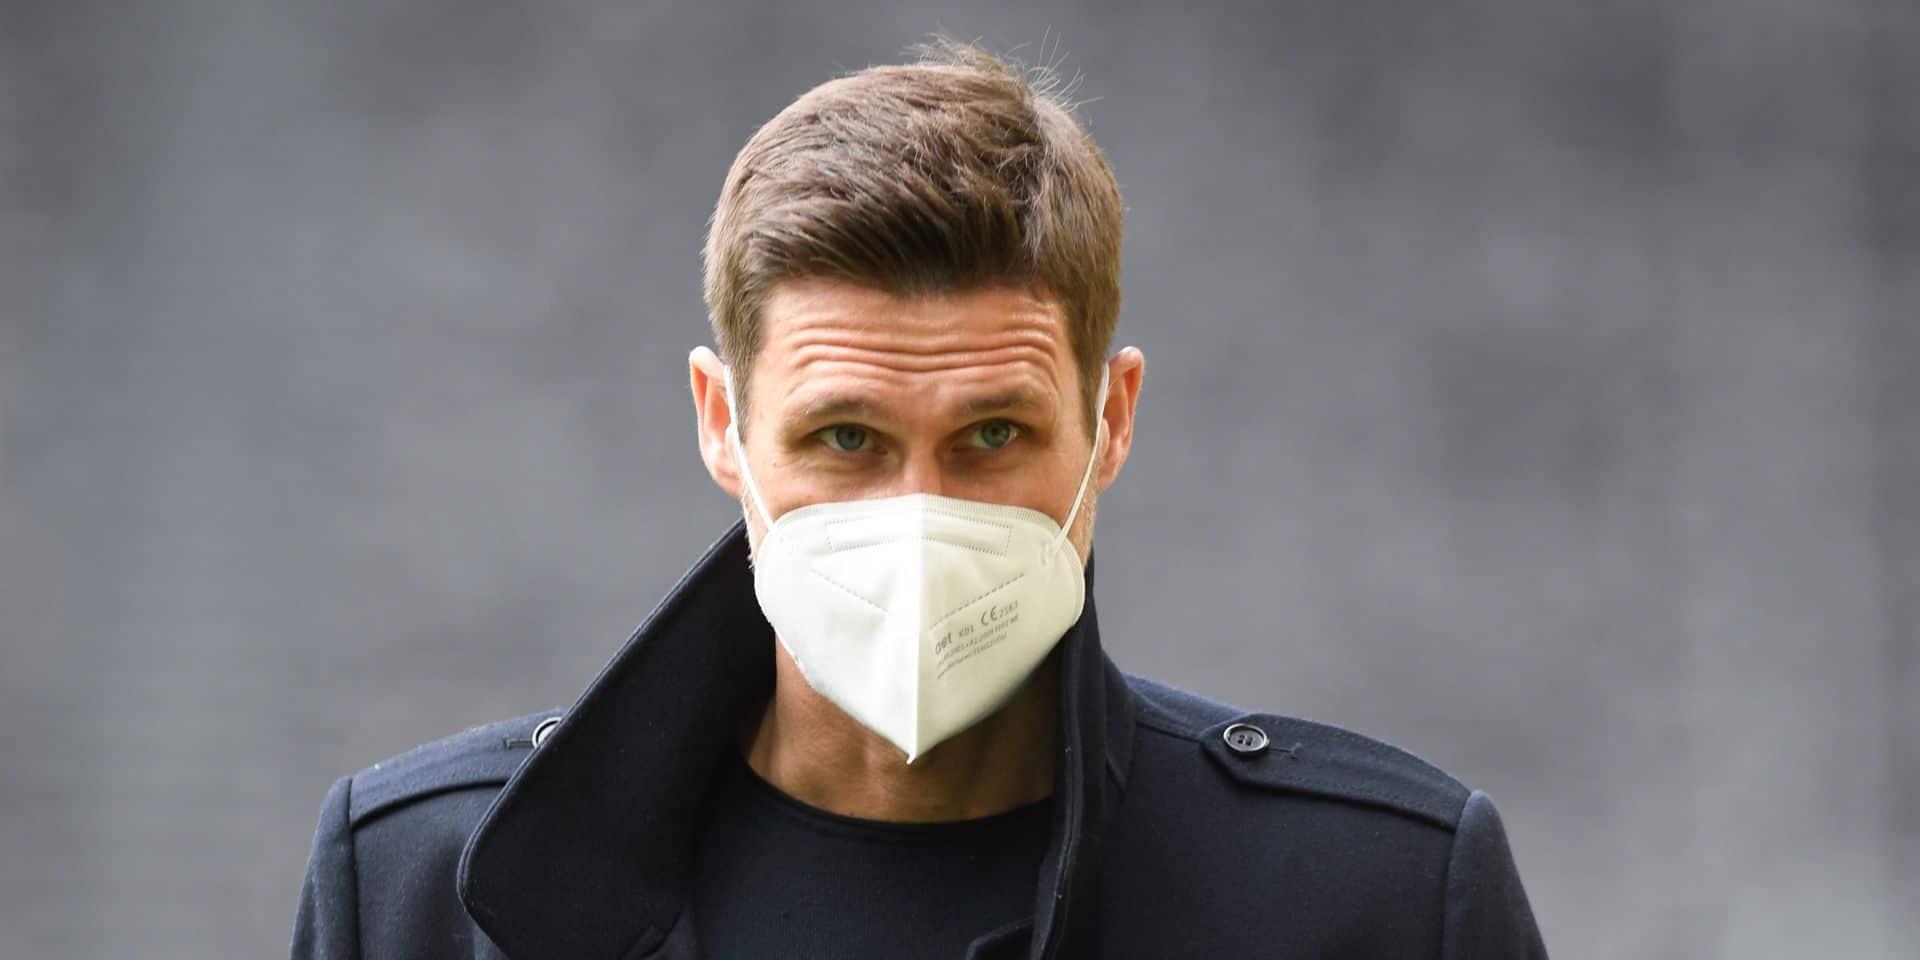 Kehl succédera à Zorc en tant que directeur sportif du Borussia Dortmund à l'été 2022